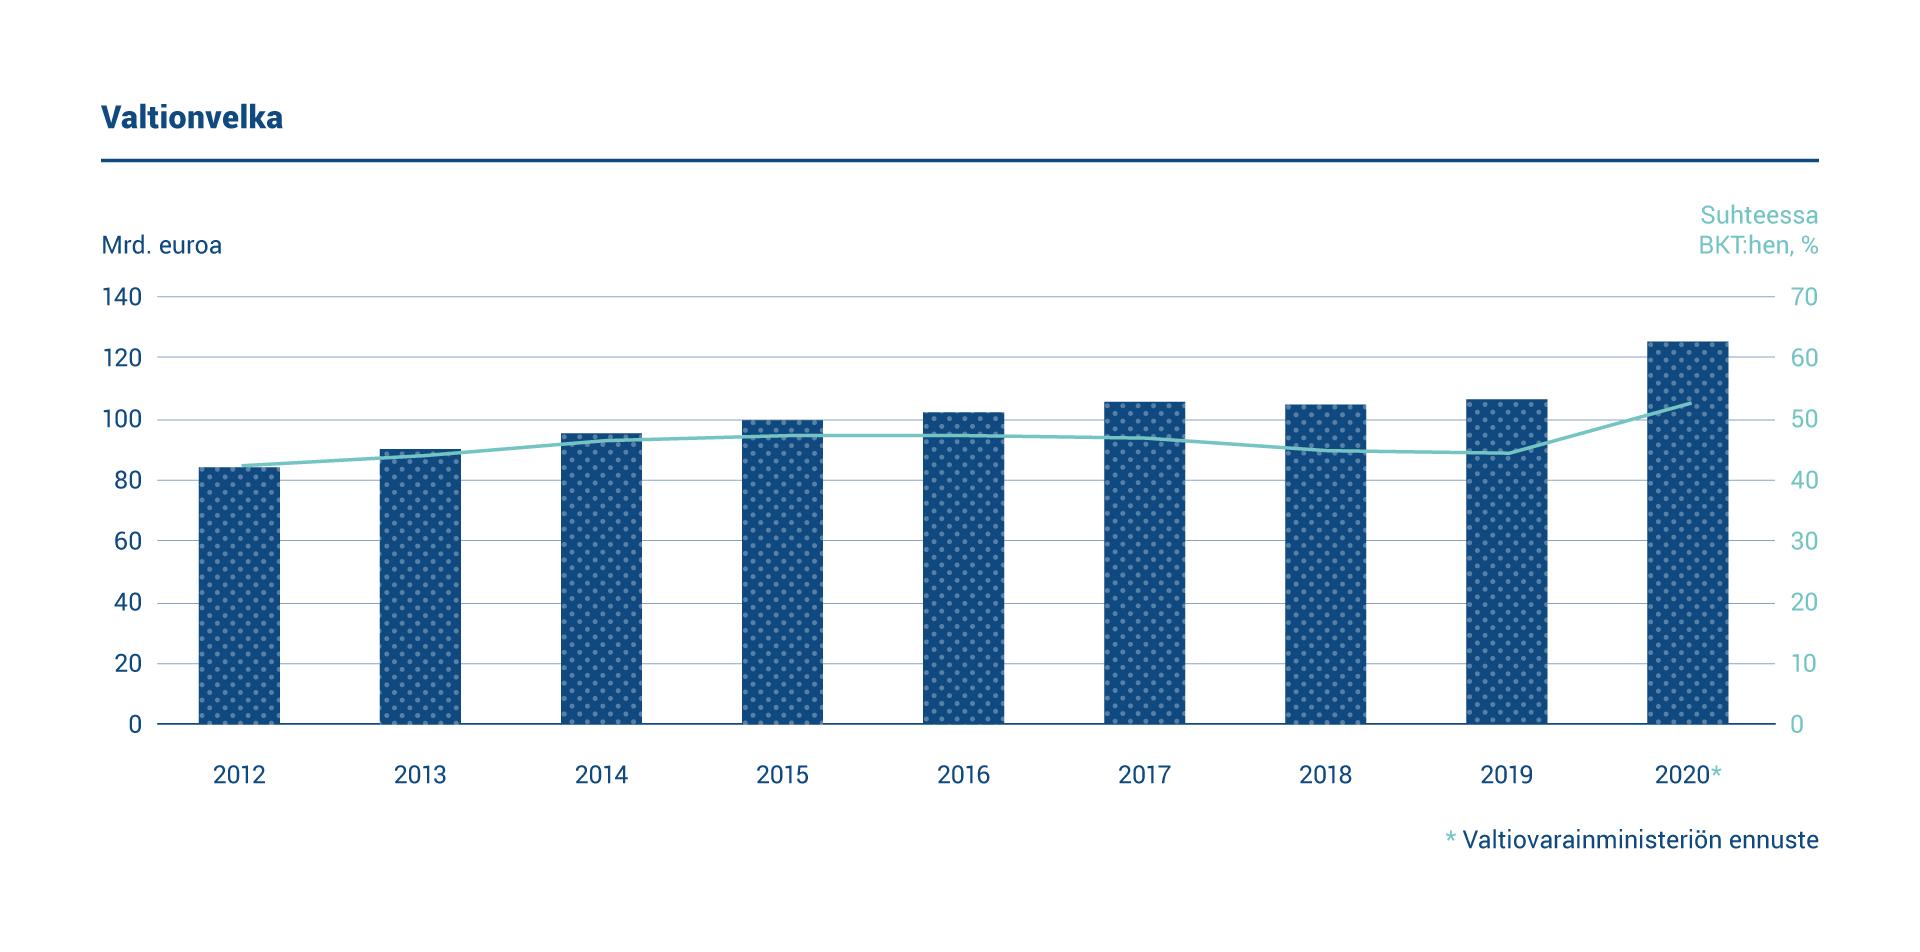 Kaaviossa esitetään Suomen valtionvelan määrä ja suhde bruttokansantuotteeseen vuosina 2012–2020. Valtionvelka oli 124,83 miljardia euroa vuoden 2020 lopussa. Velan suhde bruttokansantuotteeseen oli 53,1 prosenttia.